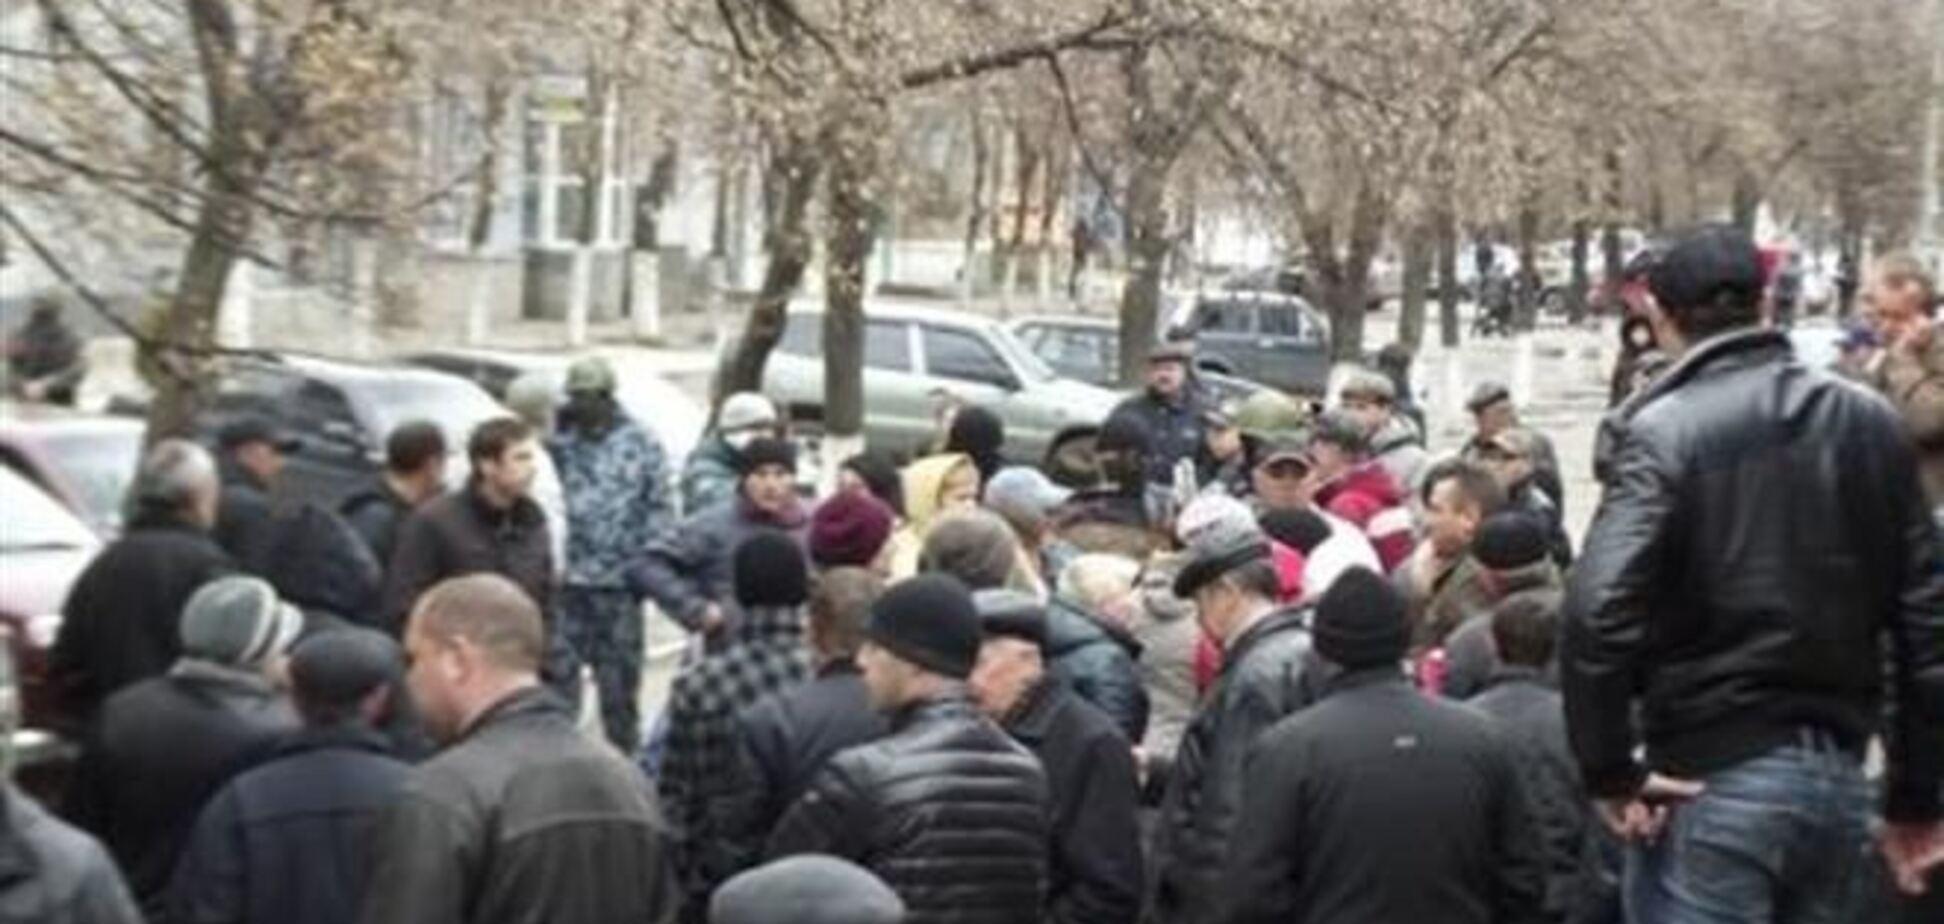 Захватчики горотдела милиции в Славянске условий не выдвигали - МВД